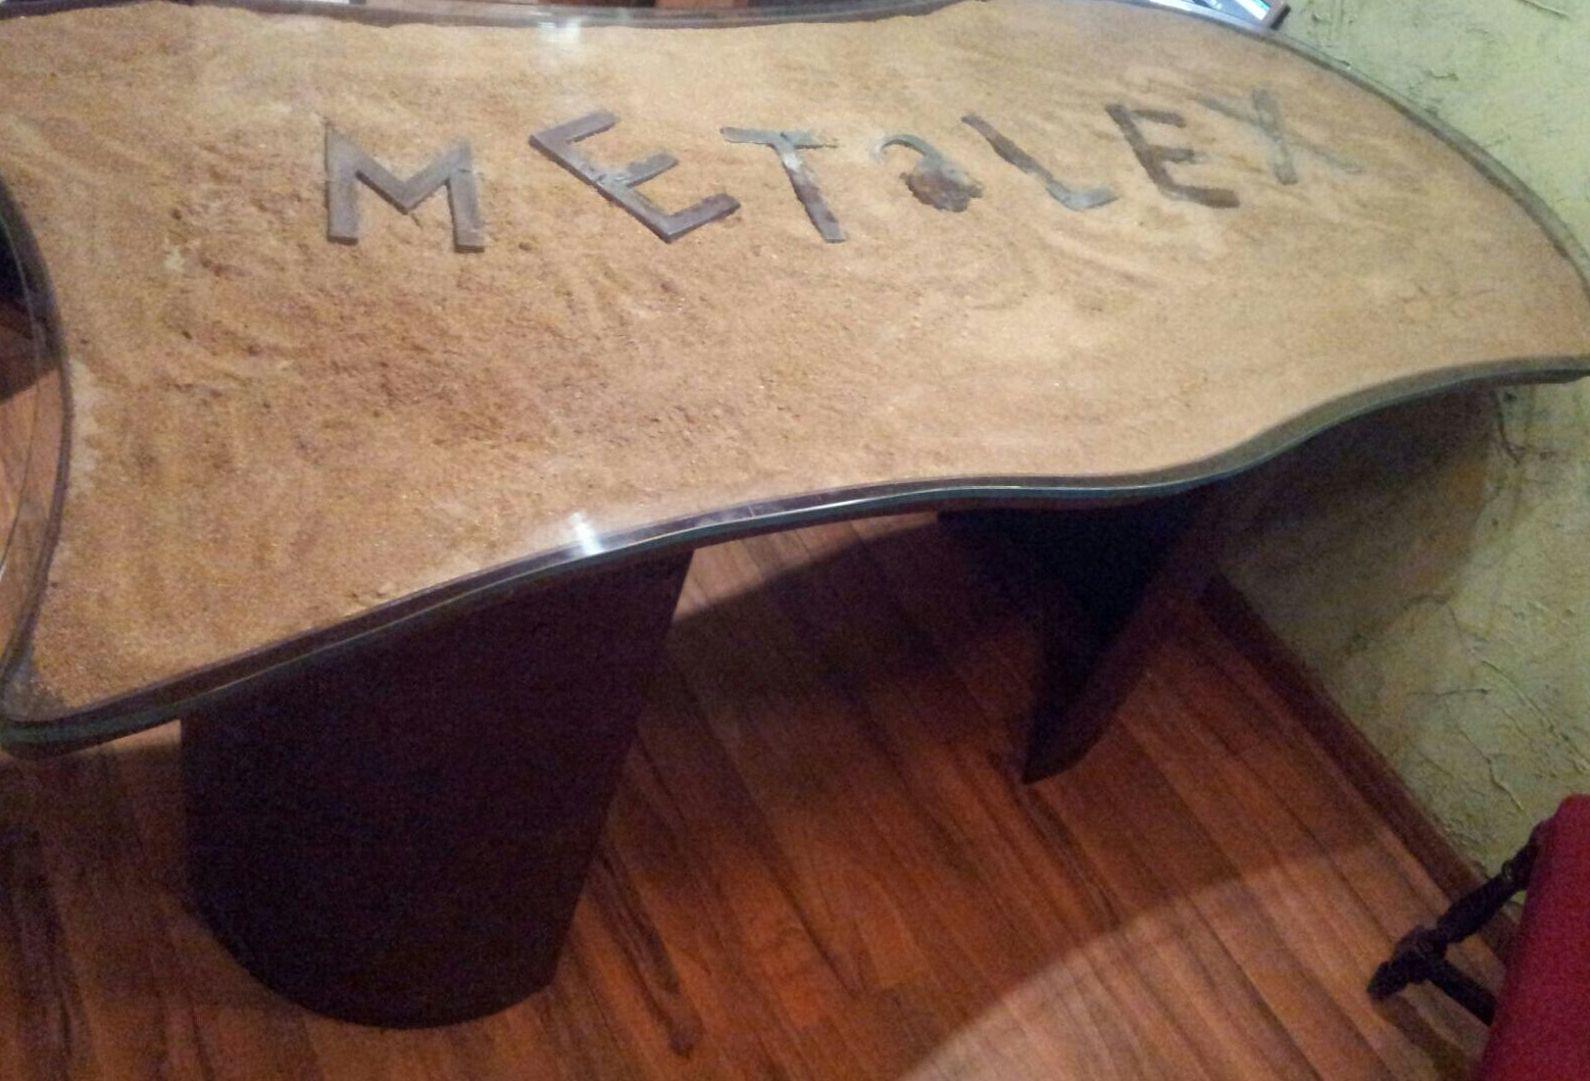 Mesa en acero corten, con patas curvadas y oxidada. Personalizada.